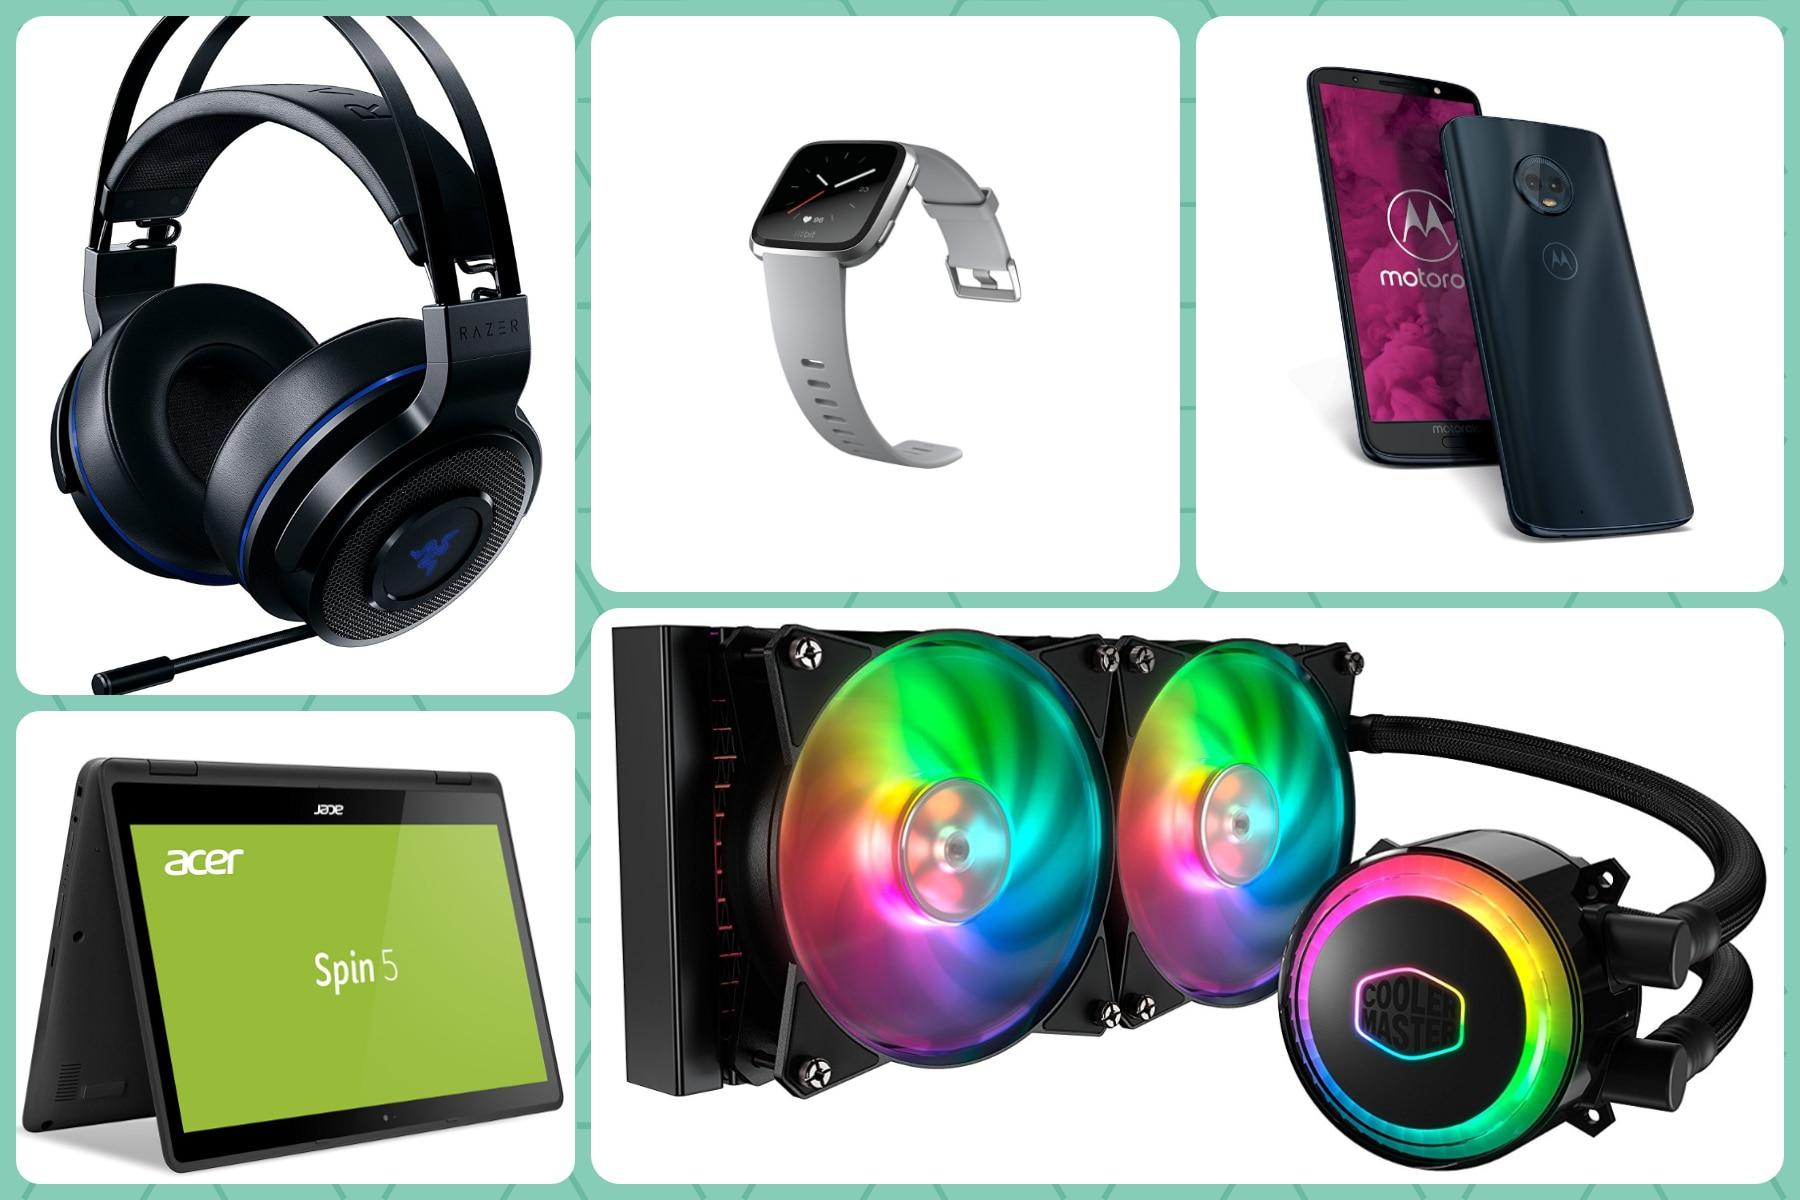 Offerte Amazon: Xiaomi Mi MIX 2S, notebook, cuffie USB-C, UE ROLL 2 e tanto altro - image migliori-offerte-amazon-10-settembre-2018 on http://www.zxbyte.com